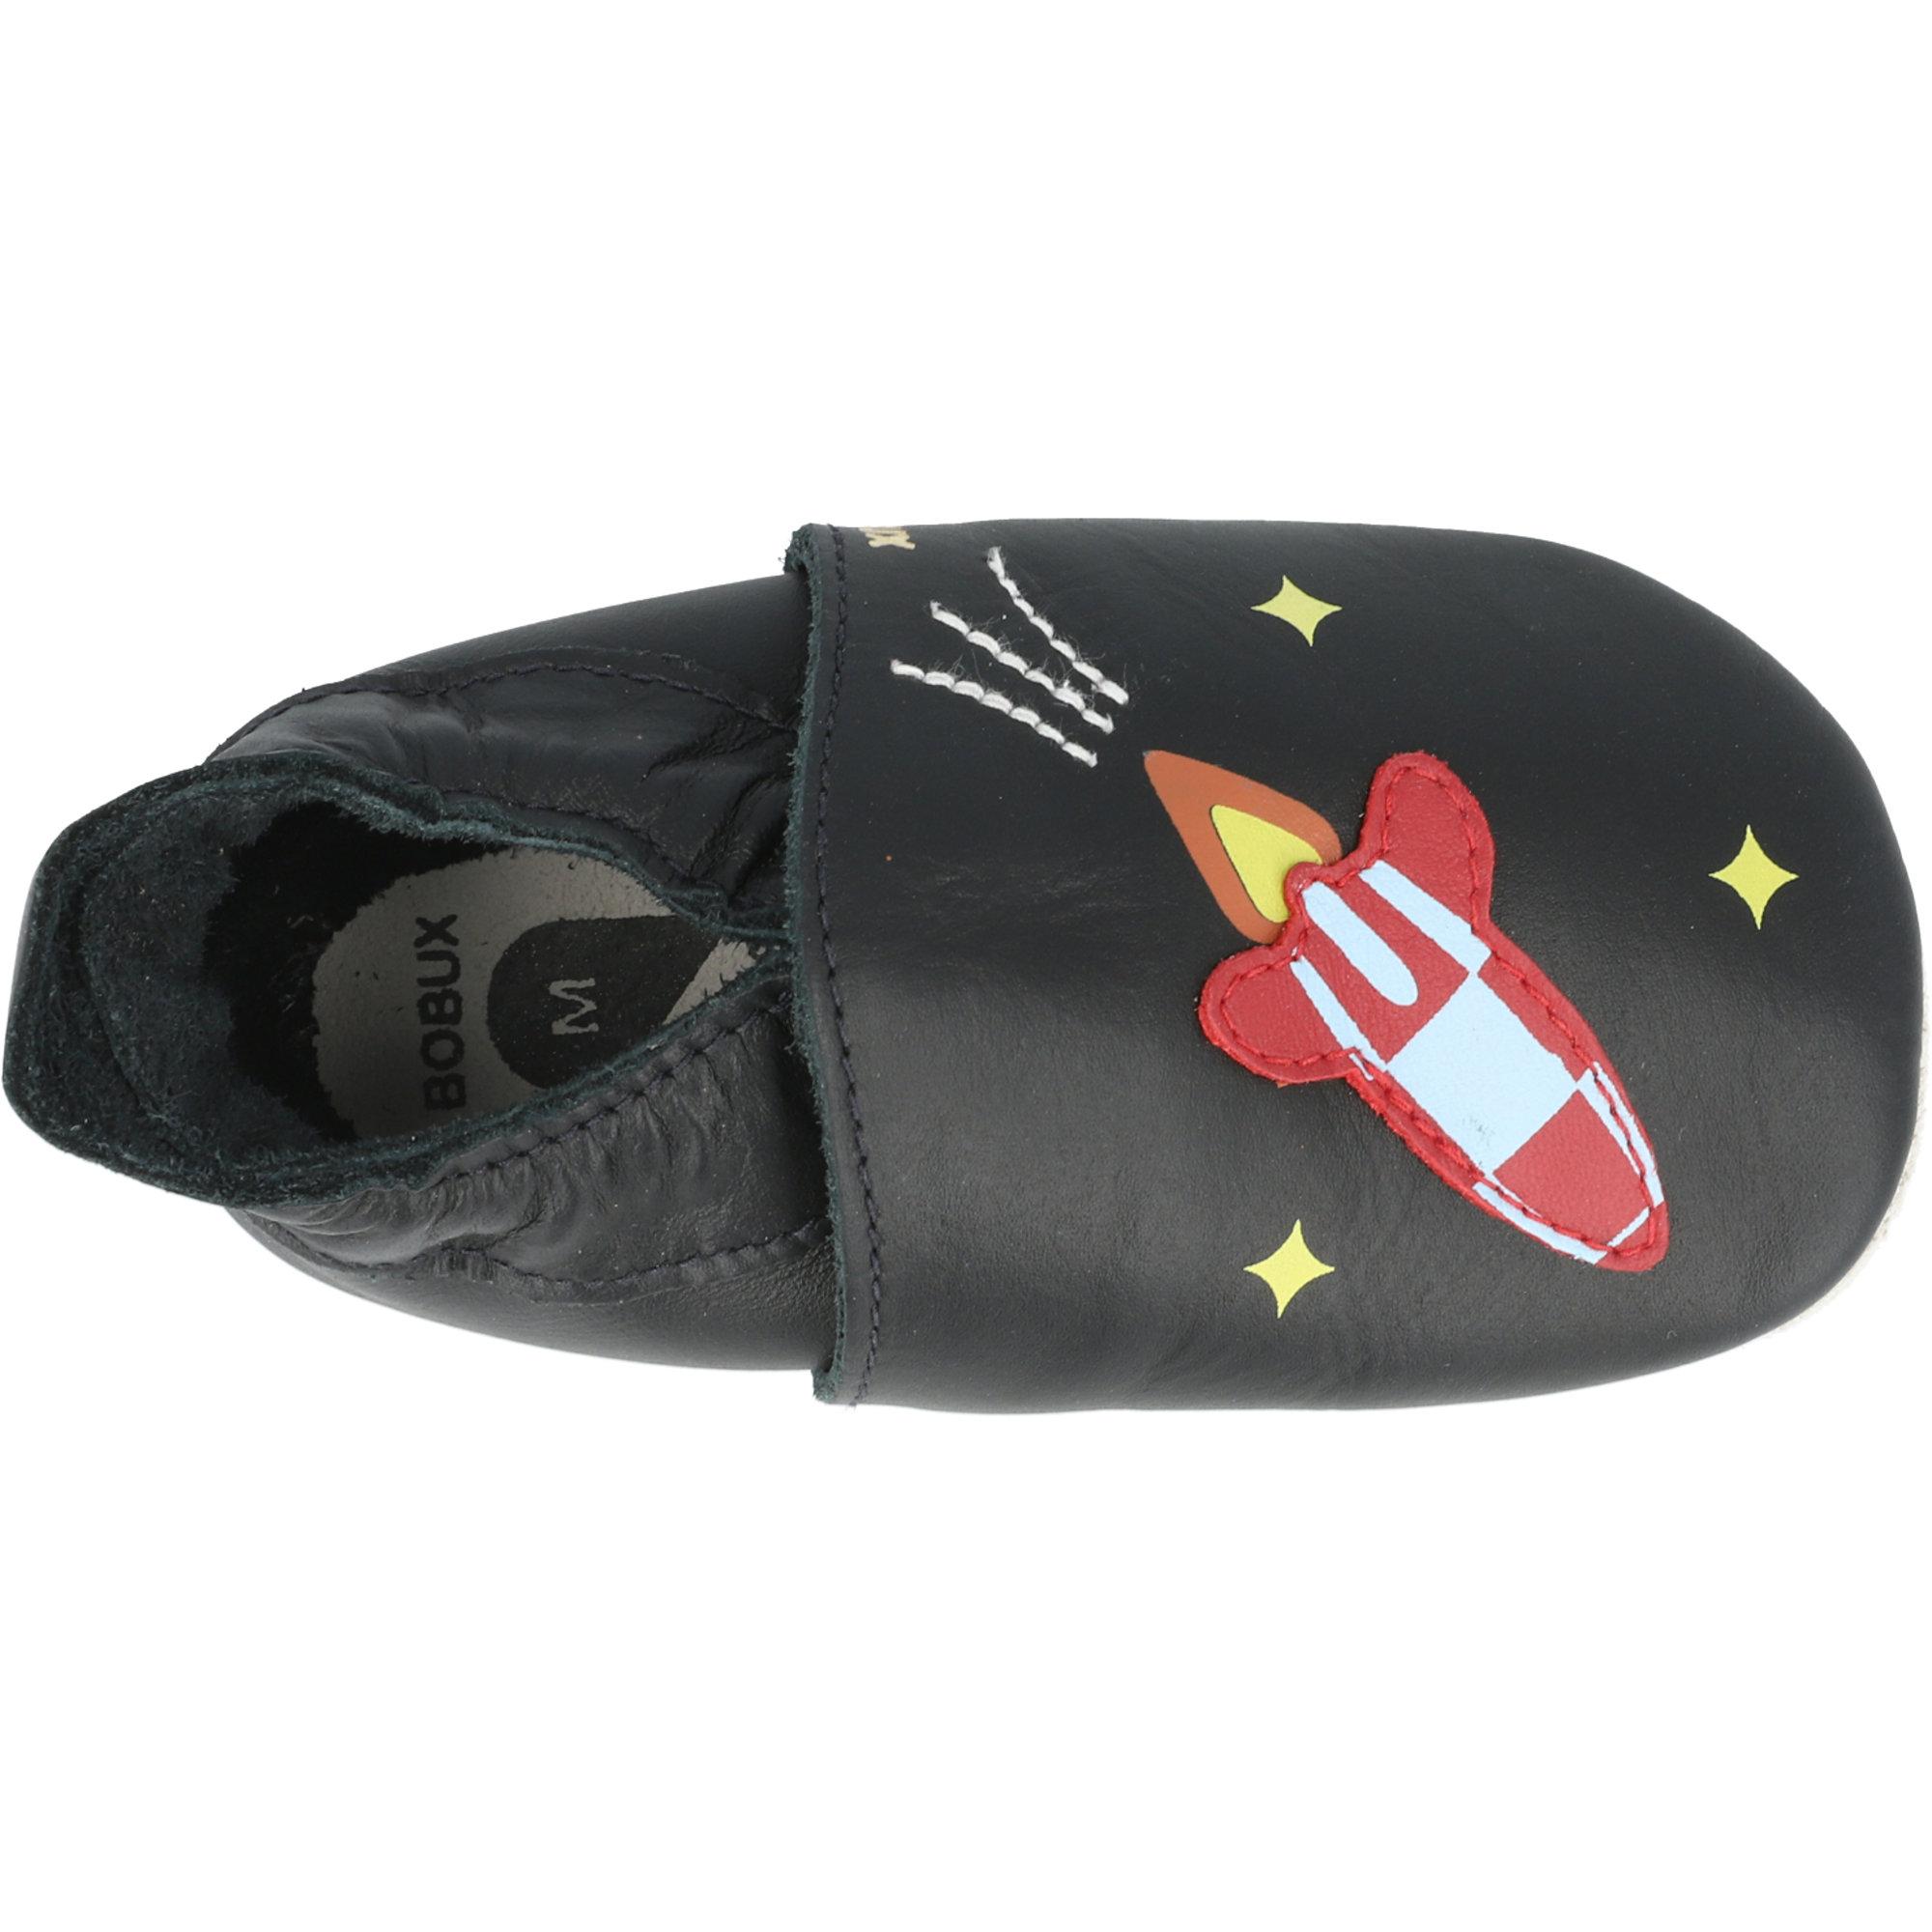 Bobux Soft Sole Rocket Black Leather